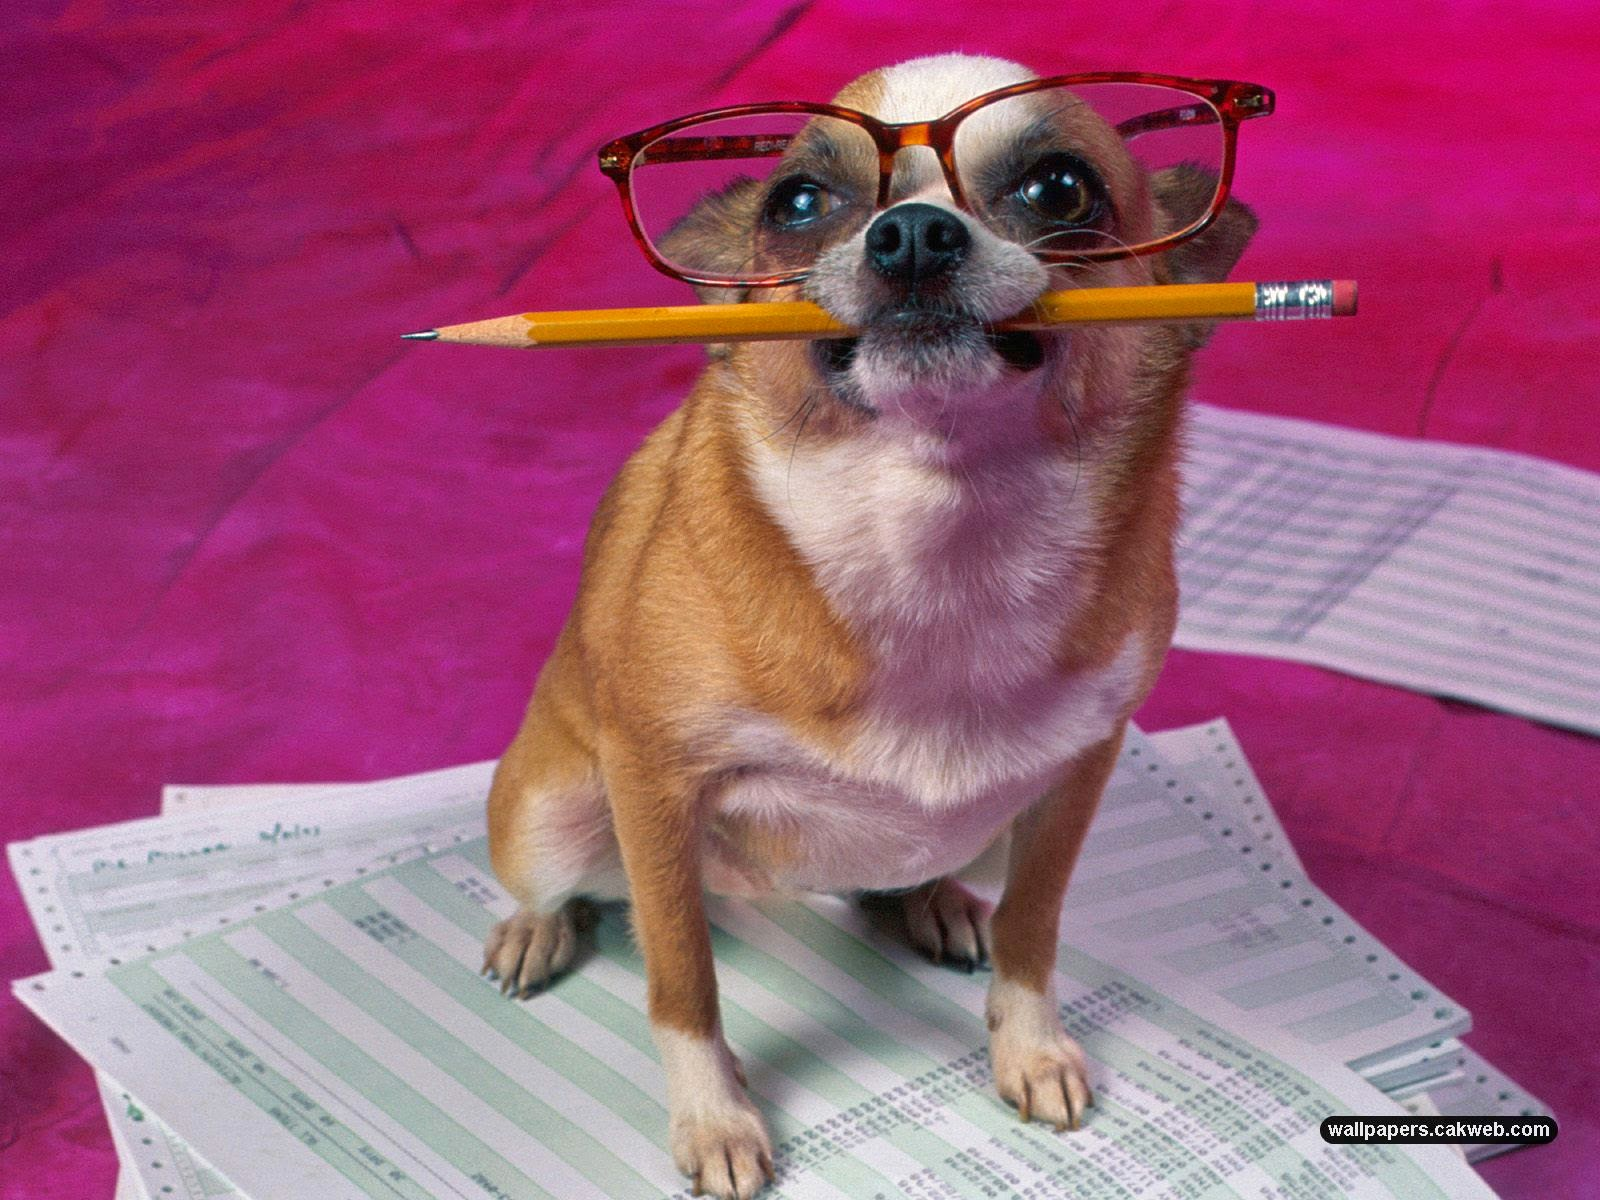 foto dan gambar lucu hewan anjing pintar